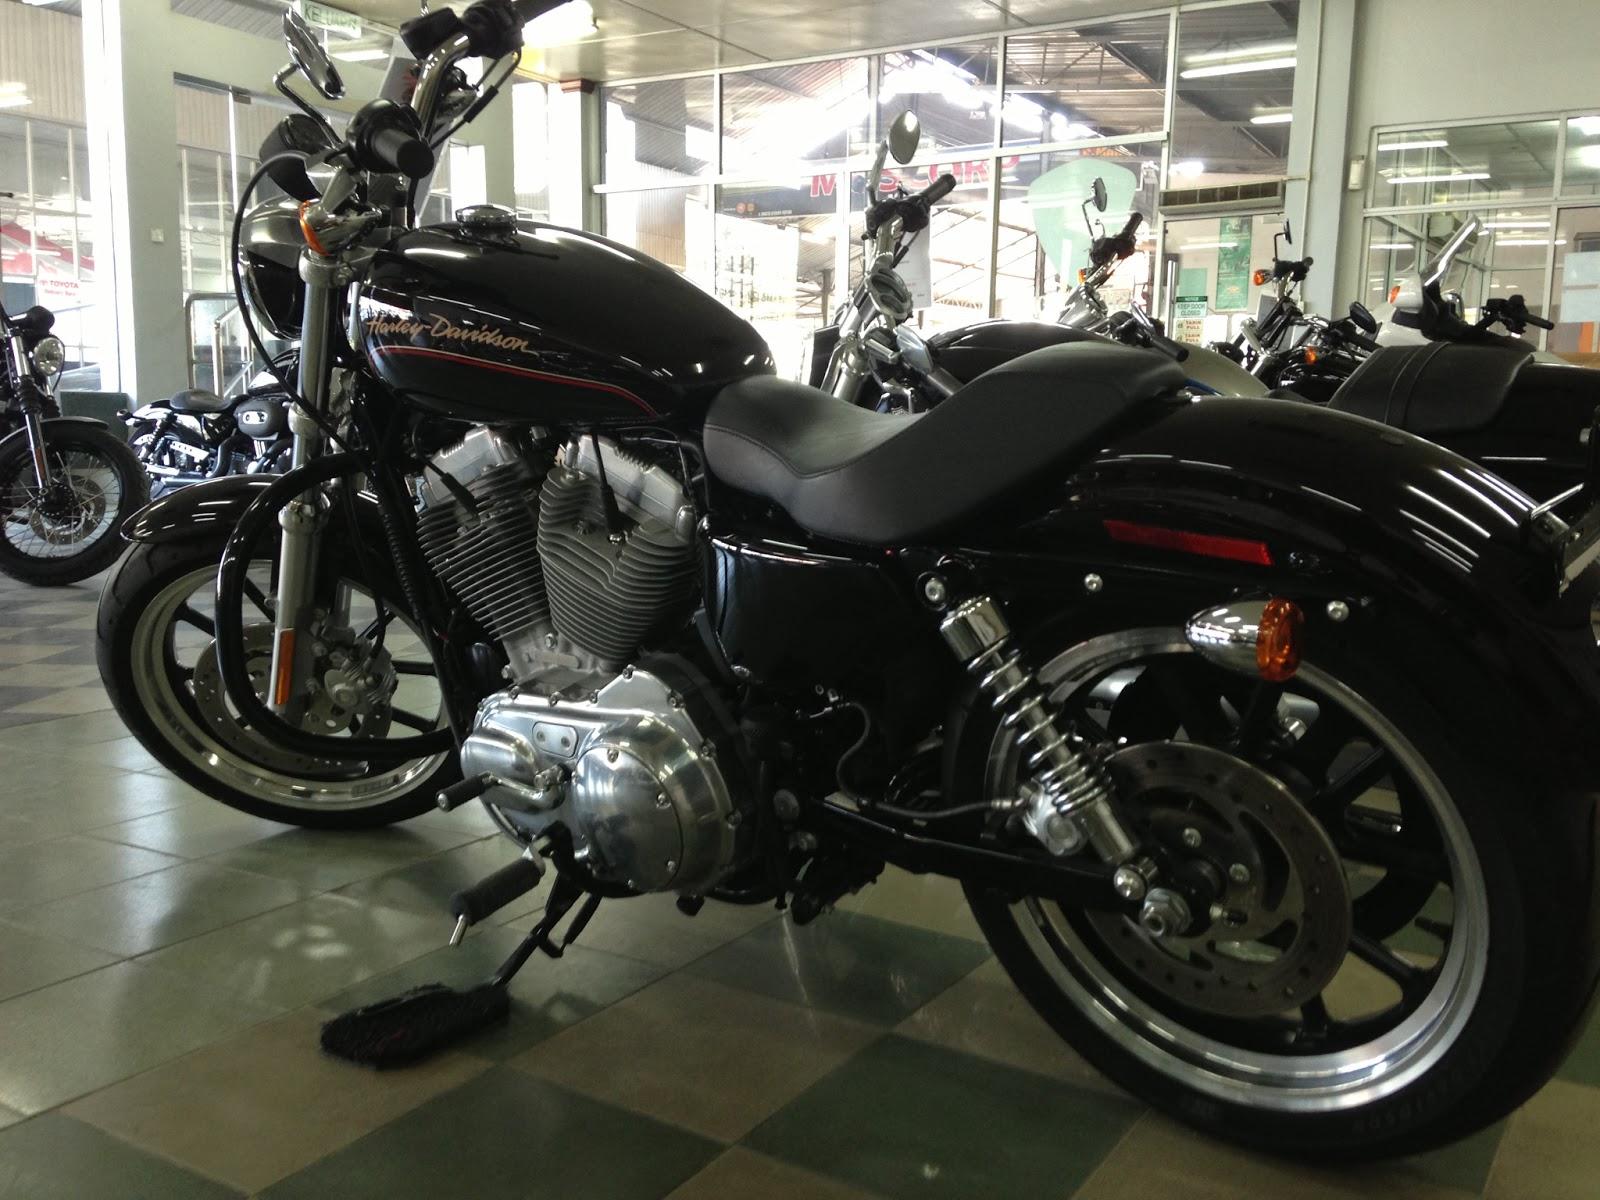 Superbiker48 Mr 7211 Harley Davidson Sportster 4 June 2013